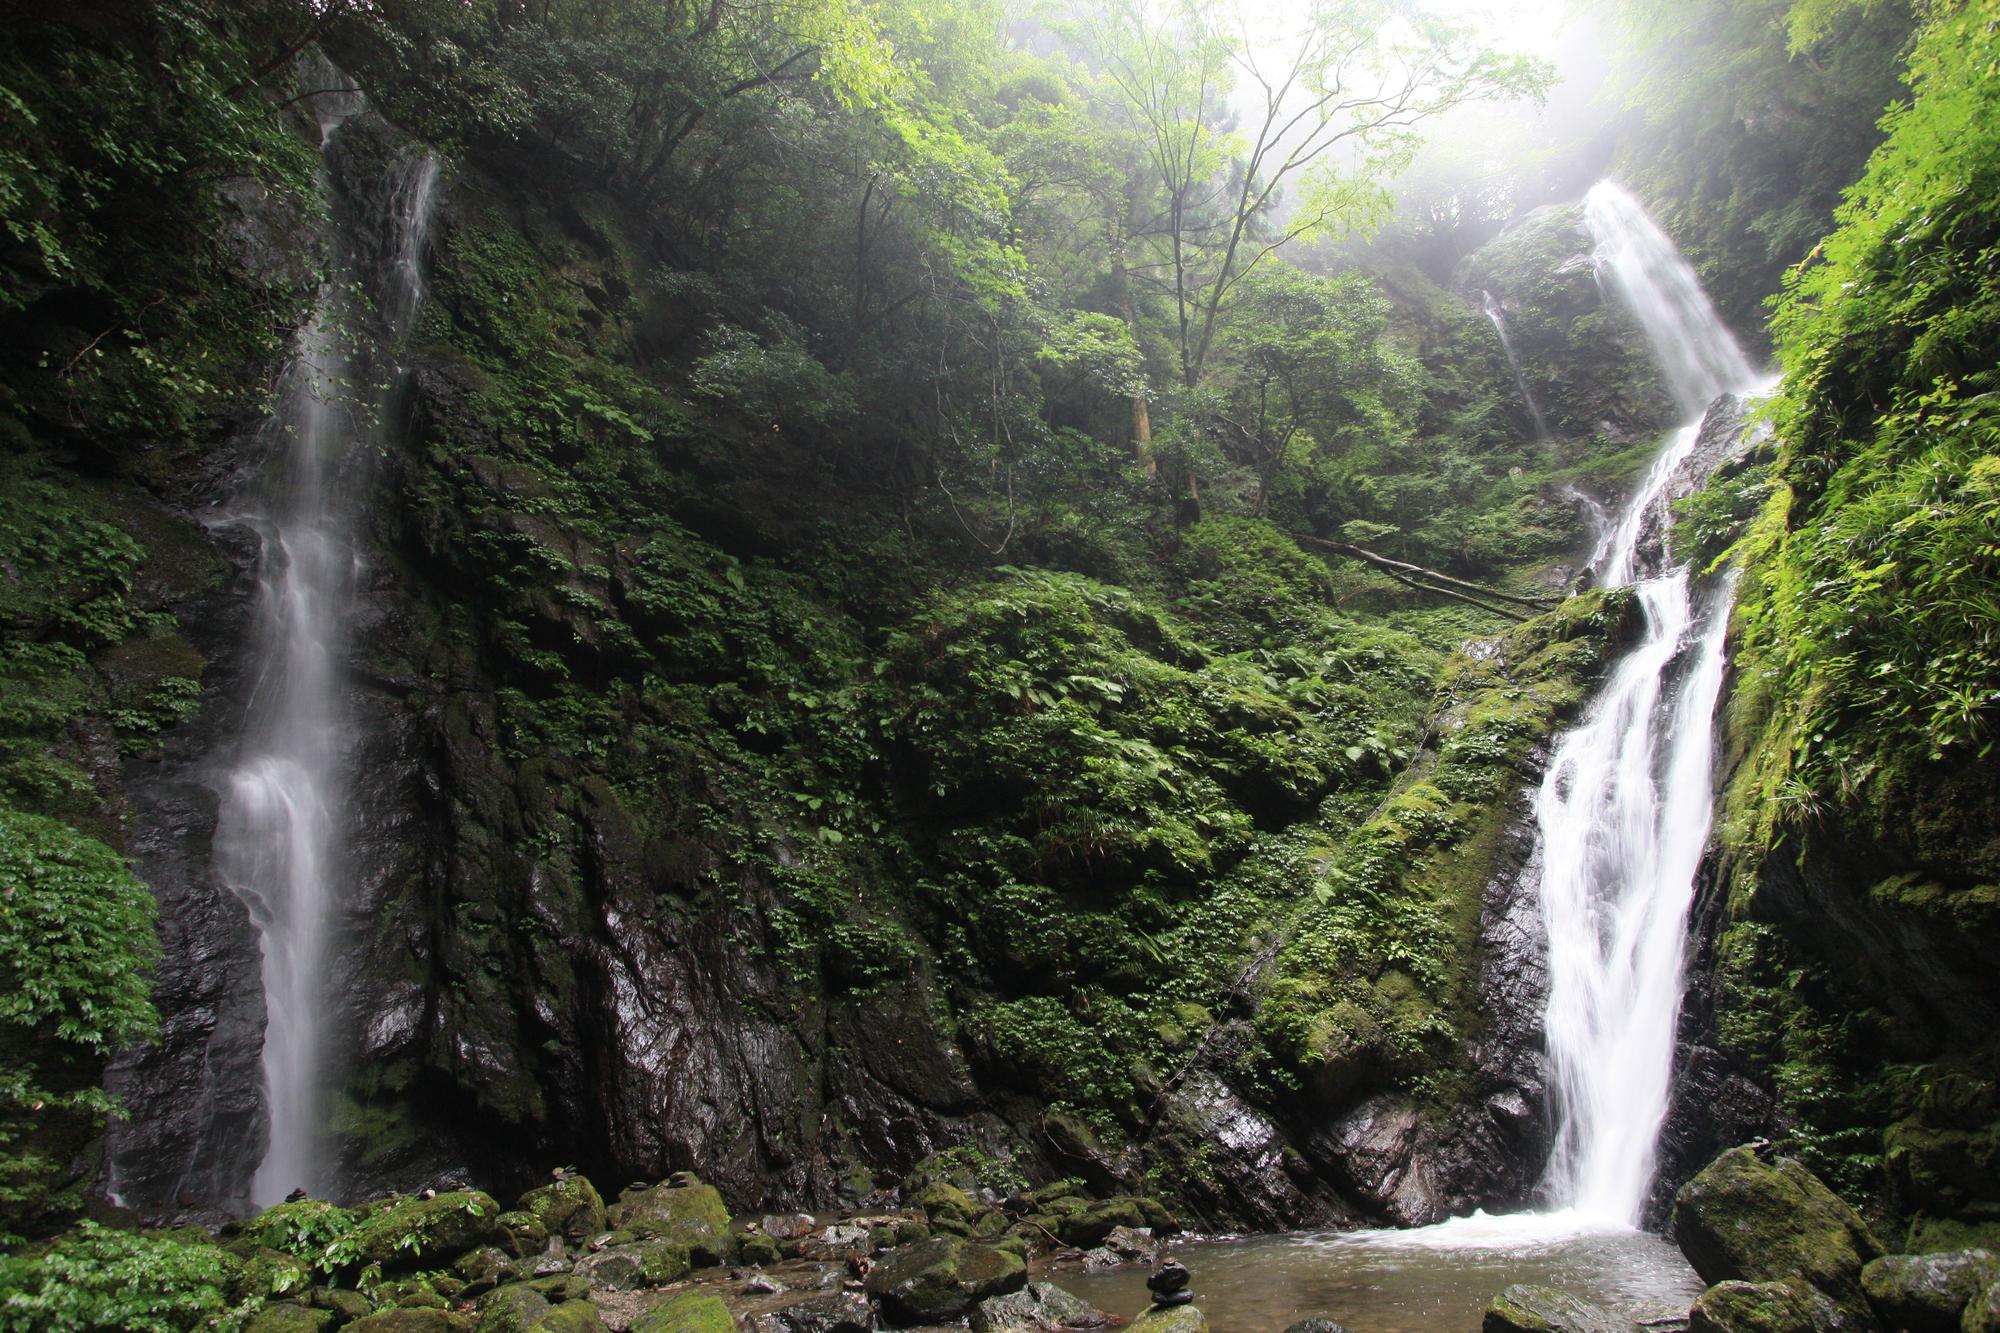 雨乞の滝(あまごいのたき)